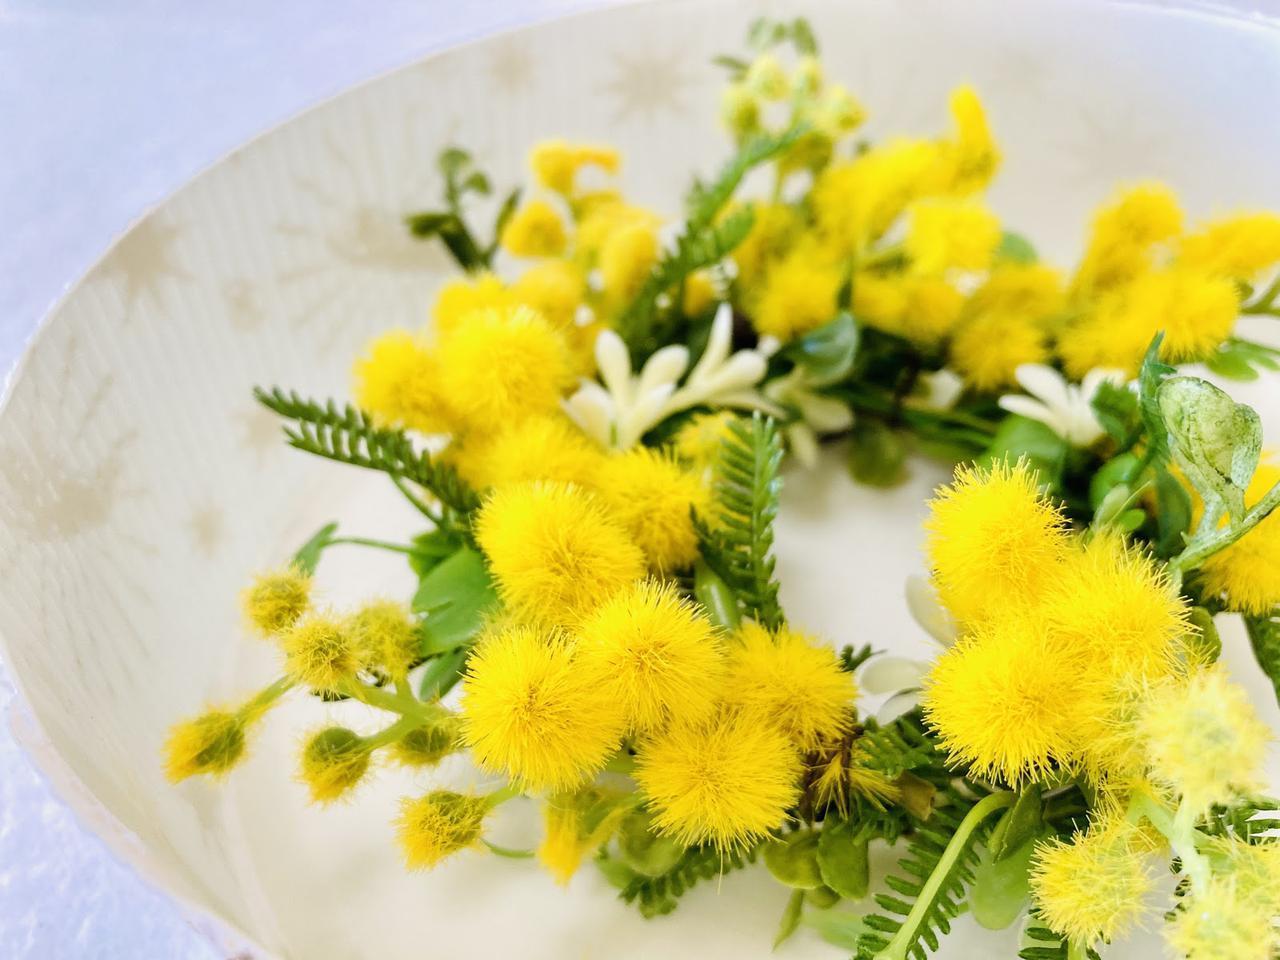 画像: モミザの造花を使ったリース (筆者撮影)